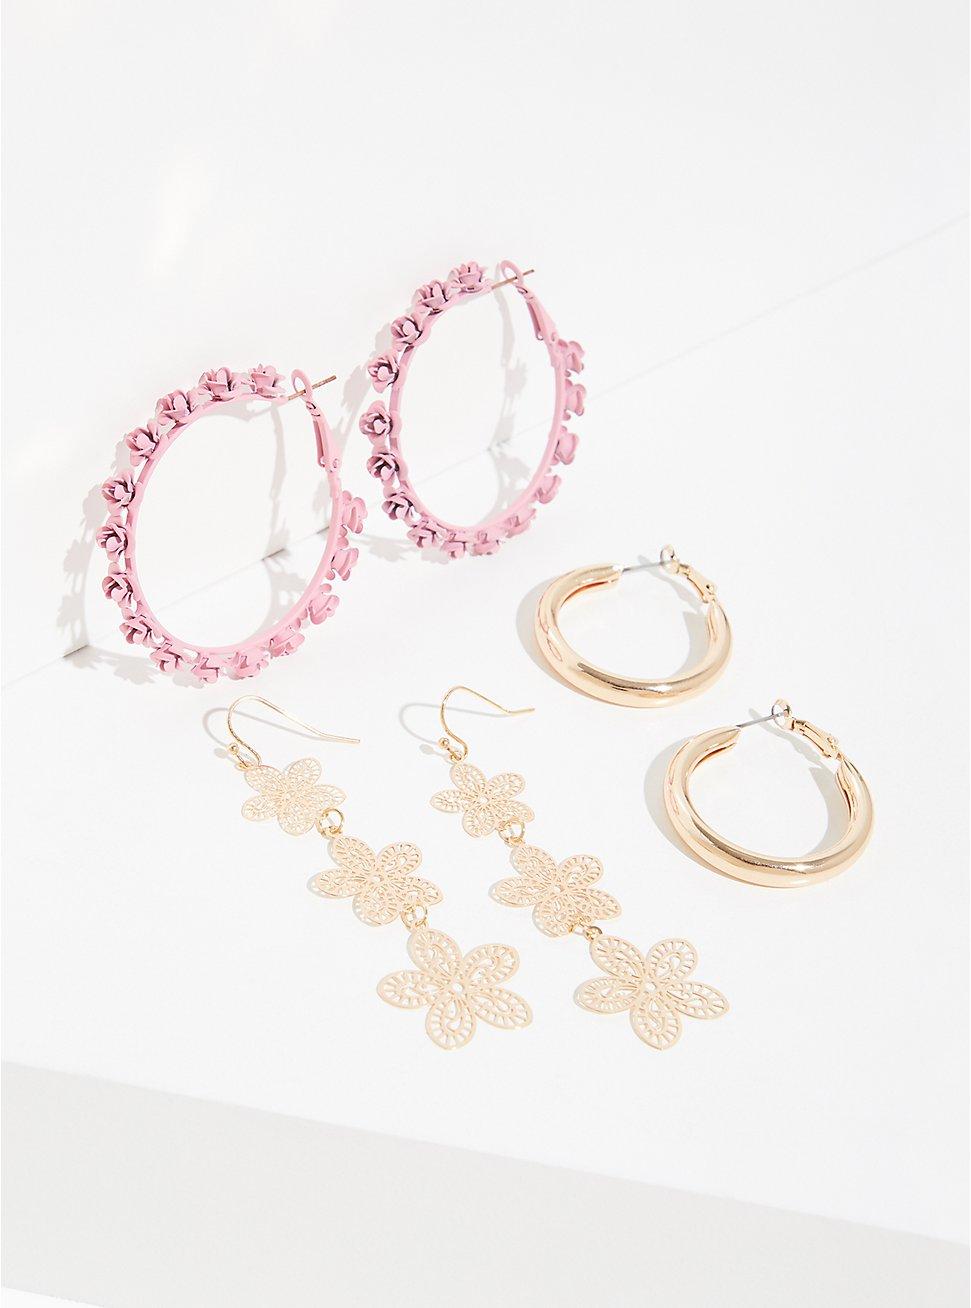 Pink Rosette Hoop Earrings Set- Set of 3, , hi-res